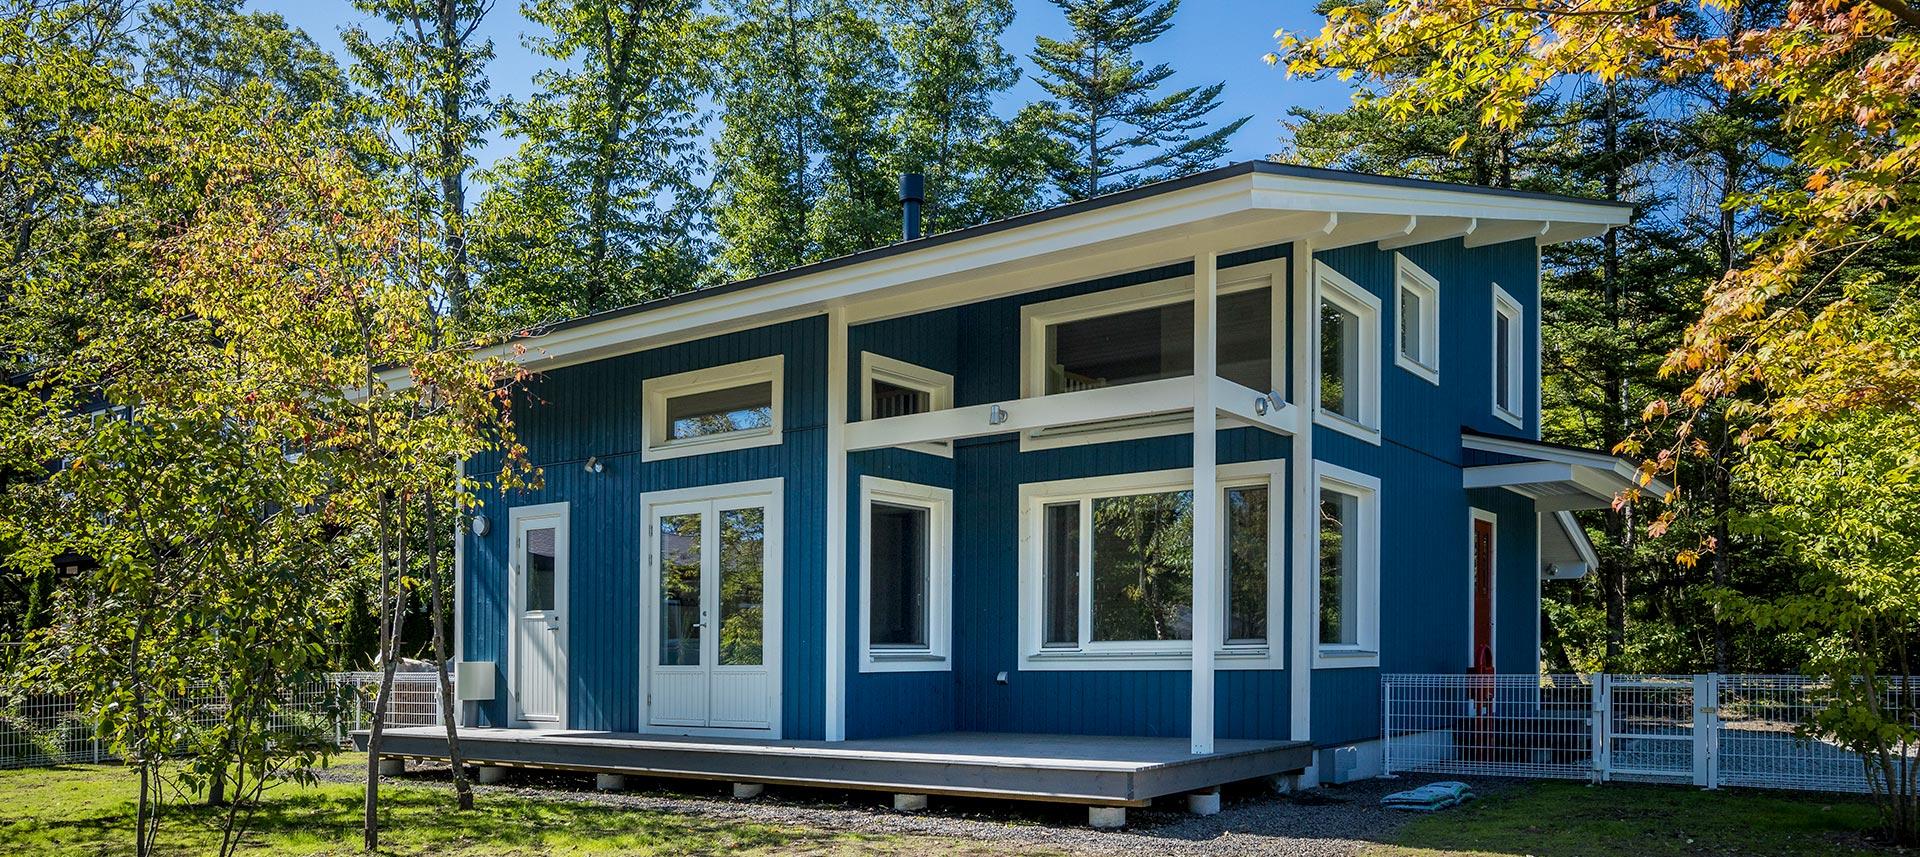 ブルーの外壁に、窓とケーシングをホワイトに塗装。一層爽やかな印象の外観に仕上がりに